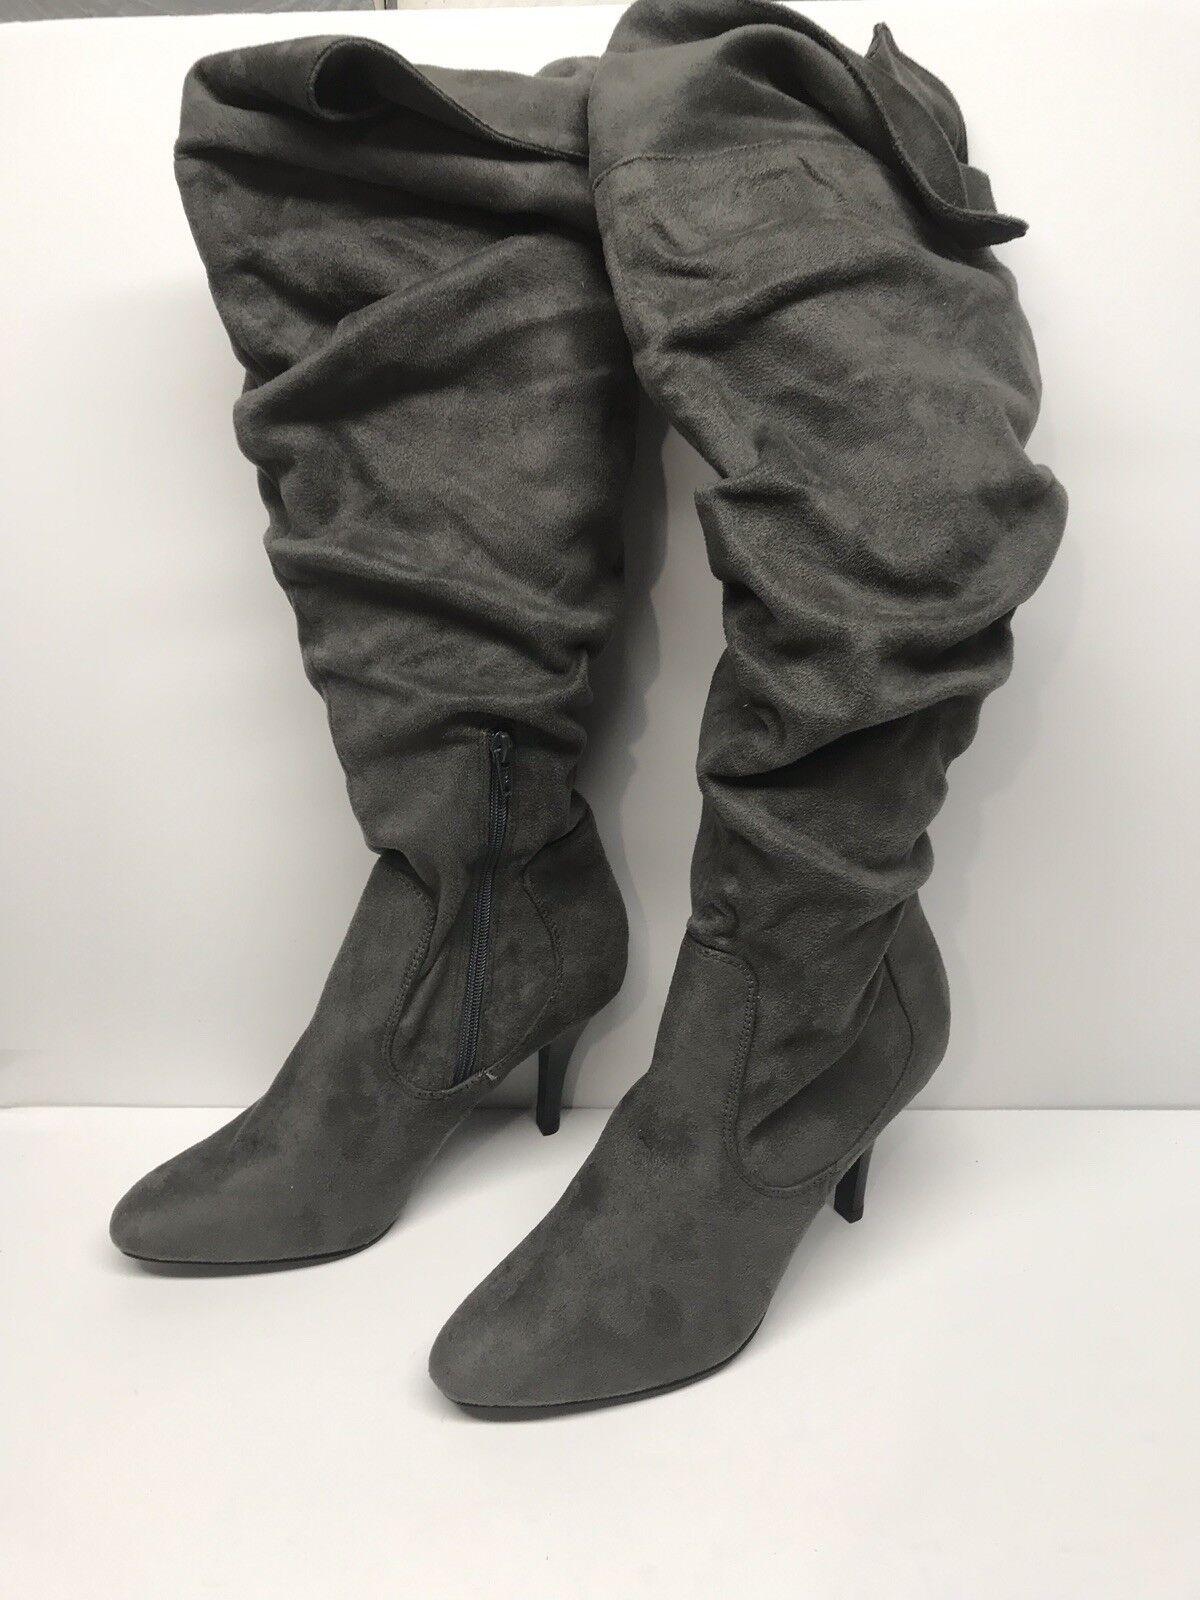 Women's US Size 9 Skechers Knee High Suede Fabric Heel Boots 35968